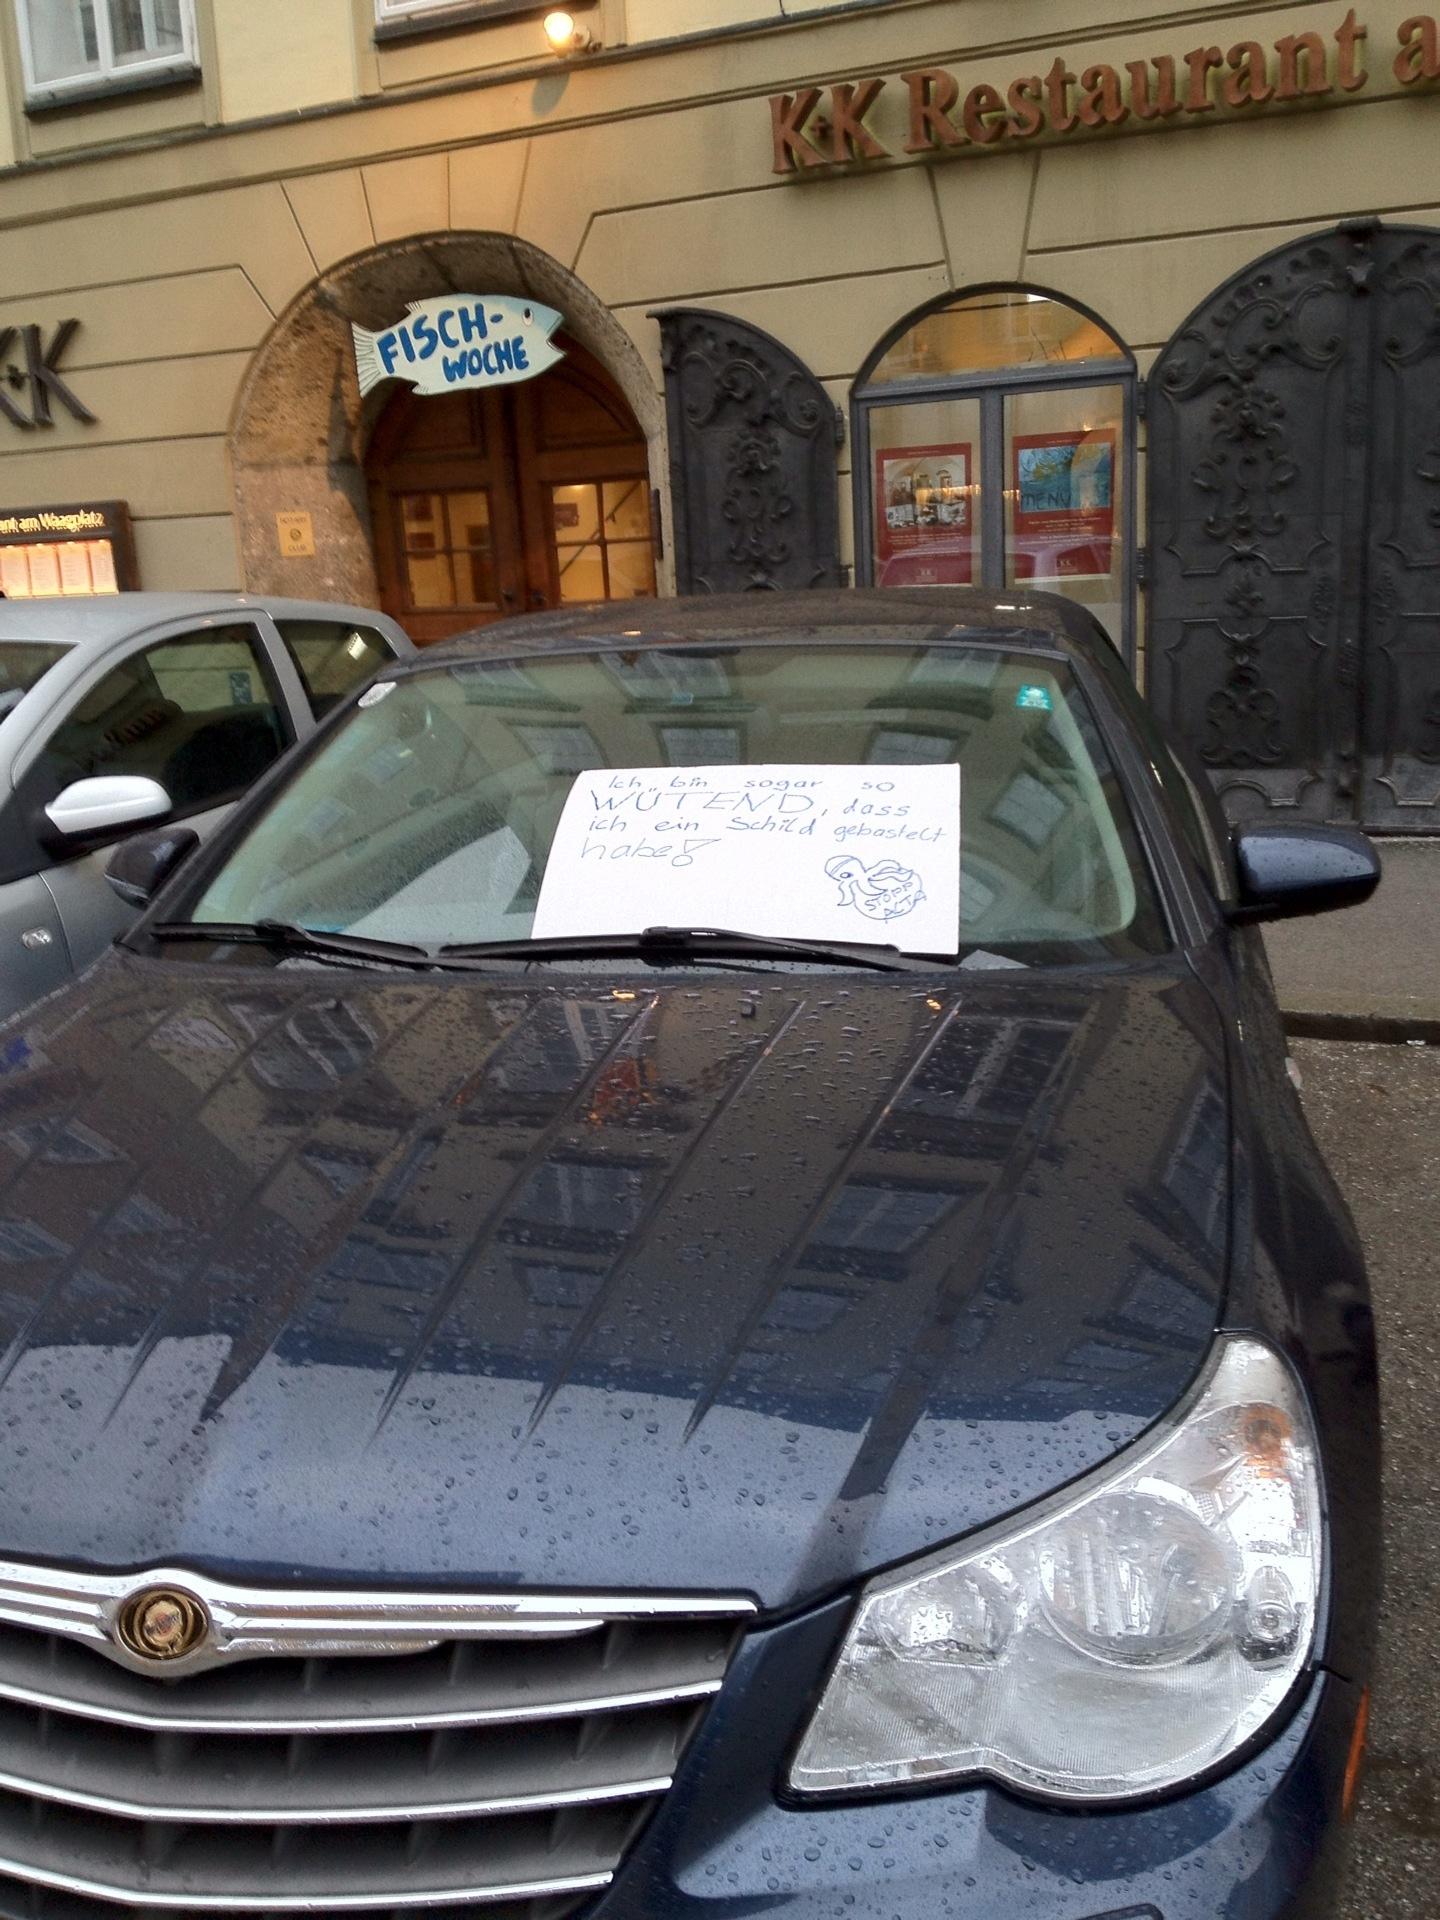 Wütend wegen ACTA! - Der Webanhalter